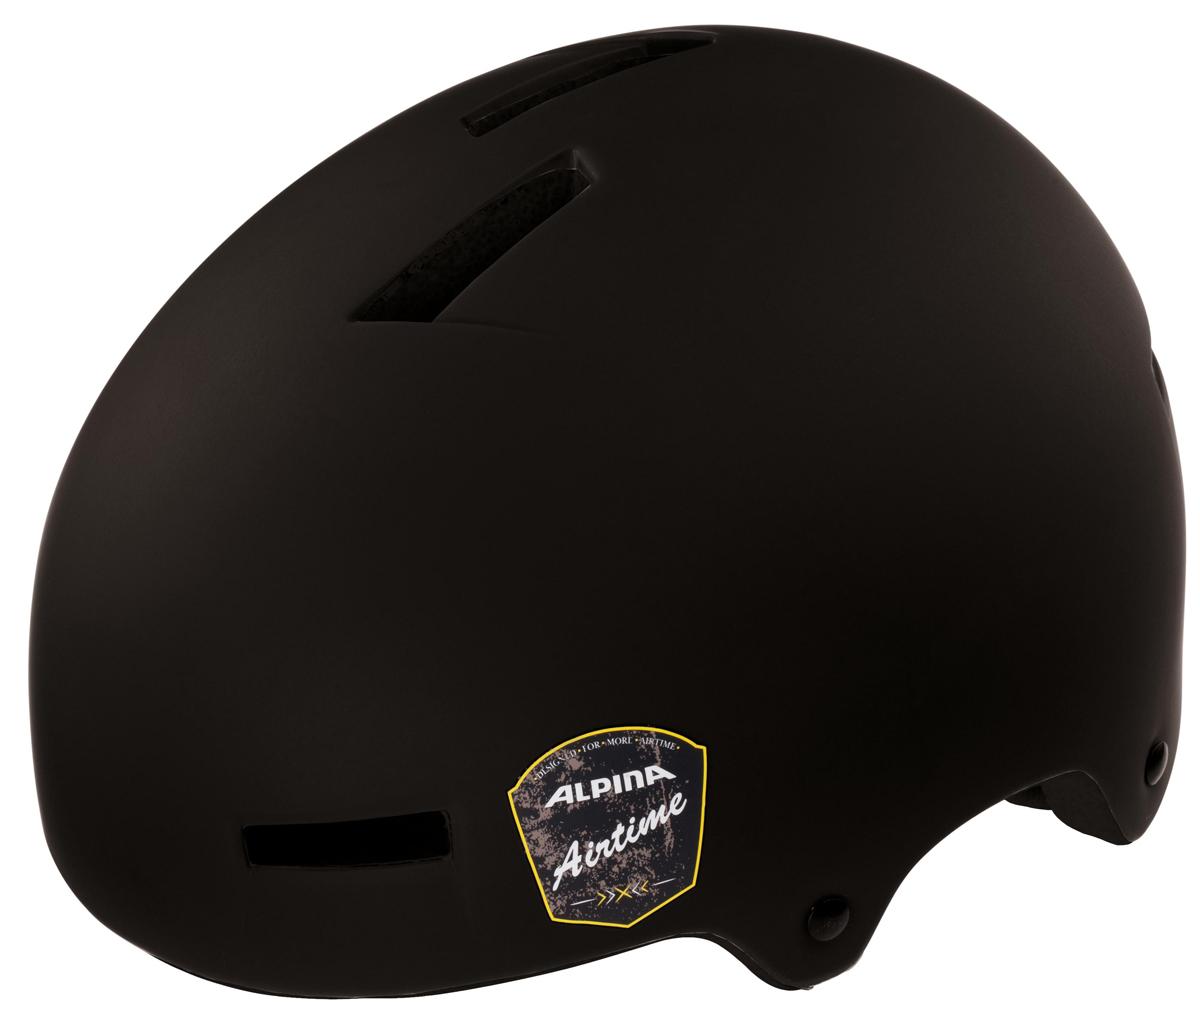 """Велошлем Alpina """"Airtime"""" - отличный шлем для паркового катания. Жесткая пластиковая скорлупа устойчива к многократным ударам, свежая графика и съемный козырек.  Технологии: Сeramic shell, Run System Classic. Количество вентиляционных отверстий: 12."""